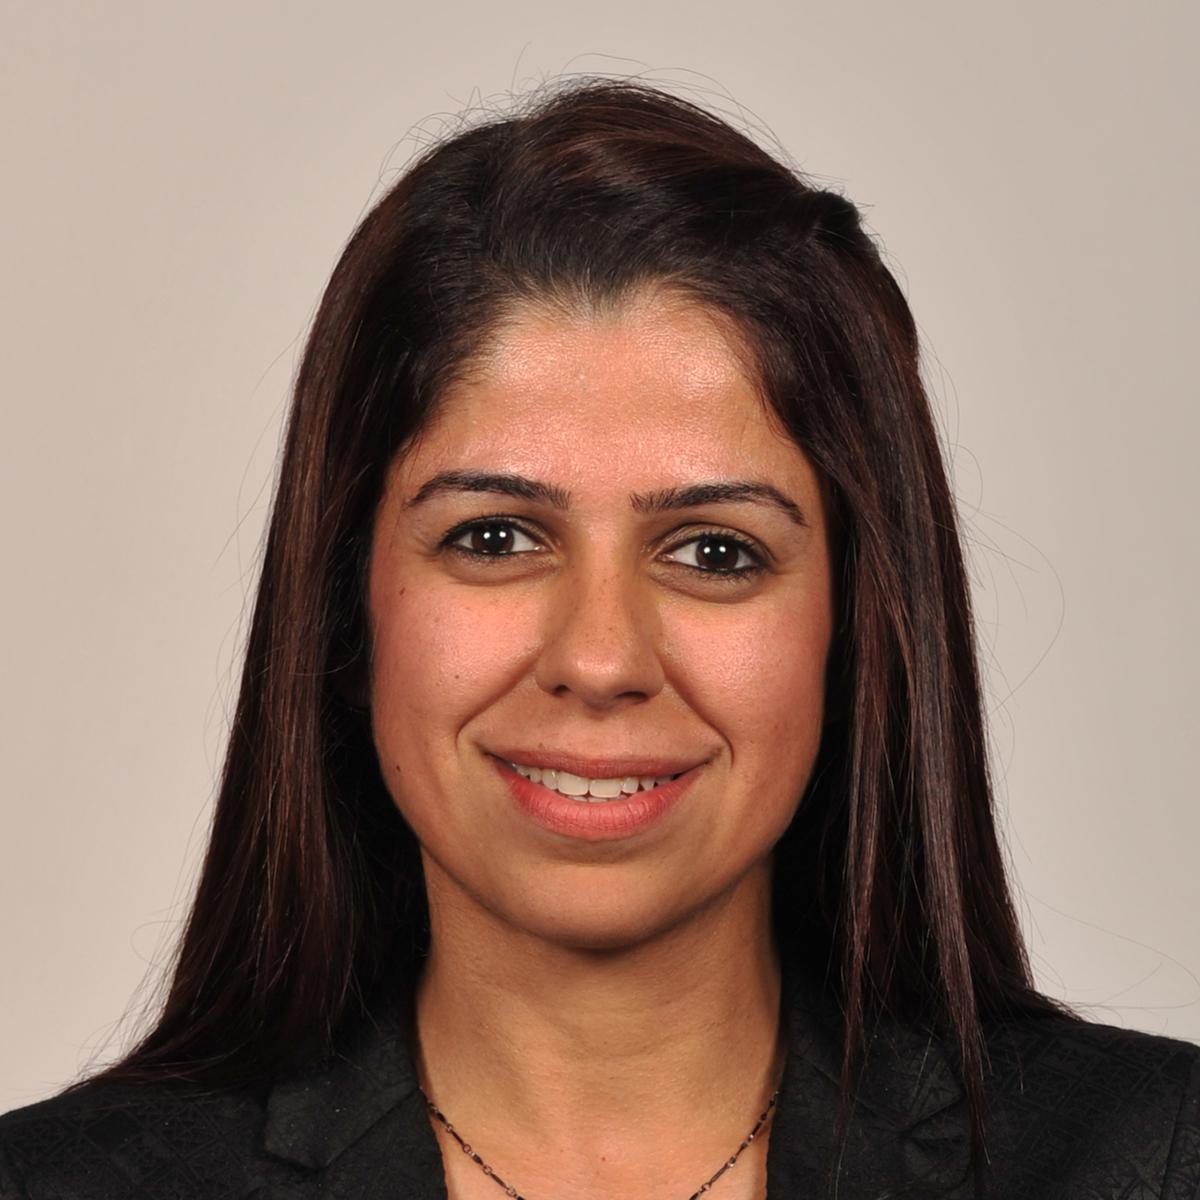 مديرة إدارة المناهج والتطوير الأكاديمي إيما جناحي